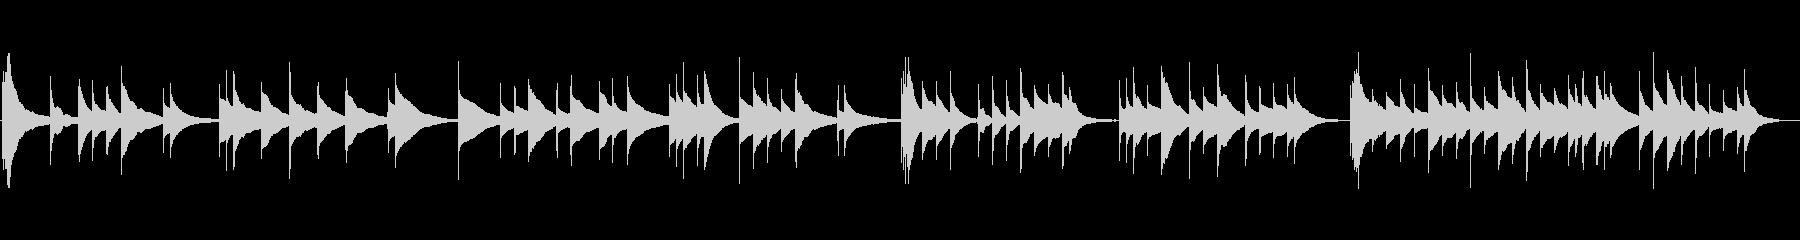 儚げなオルゴール曲の未再生の波形